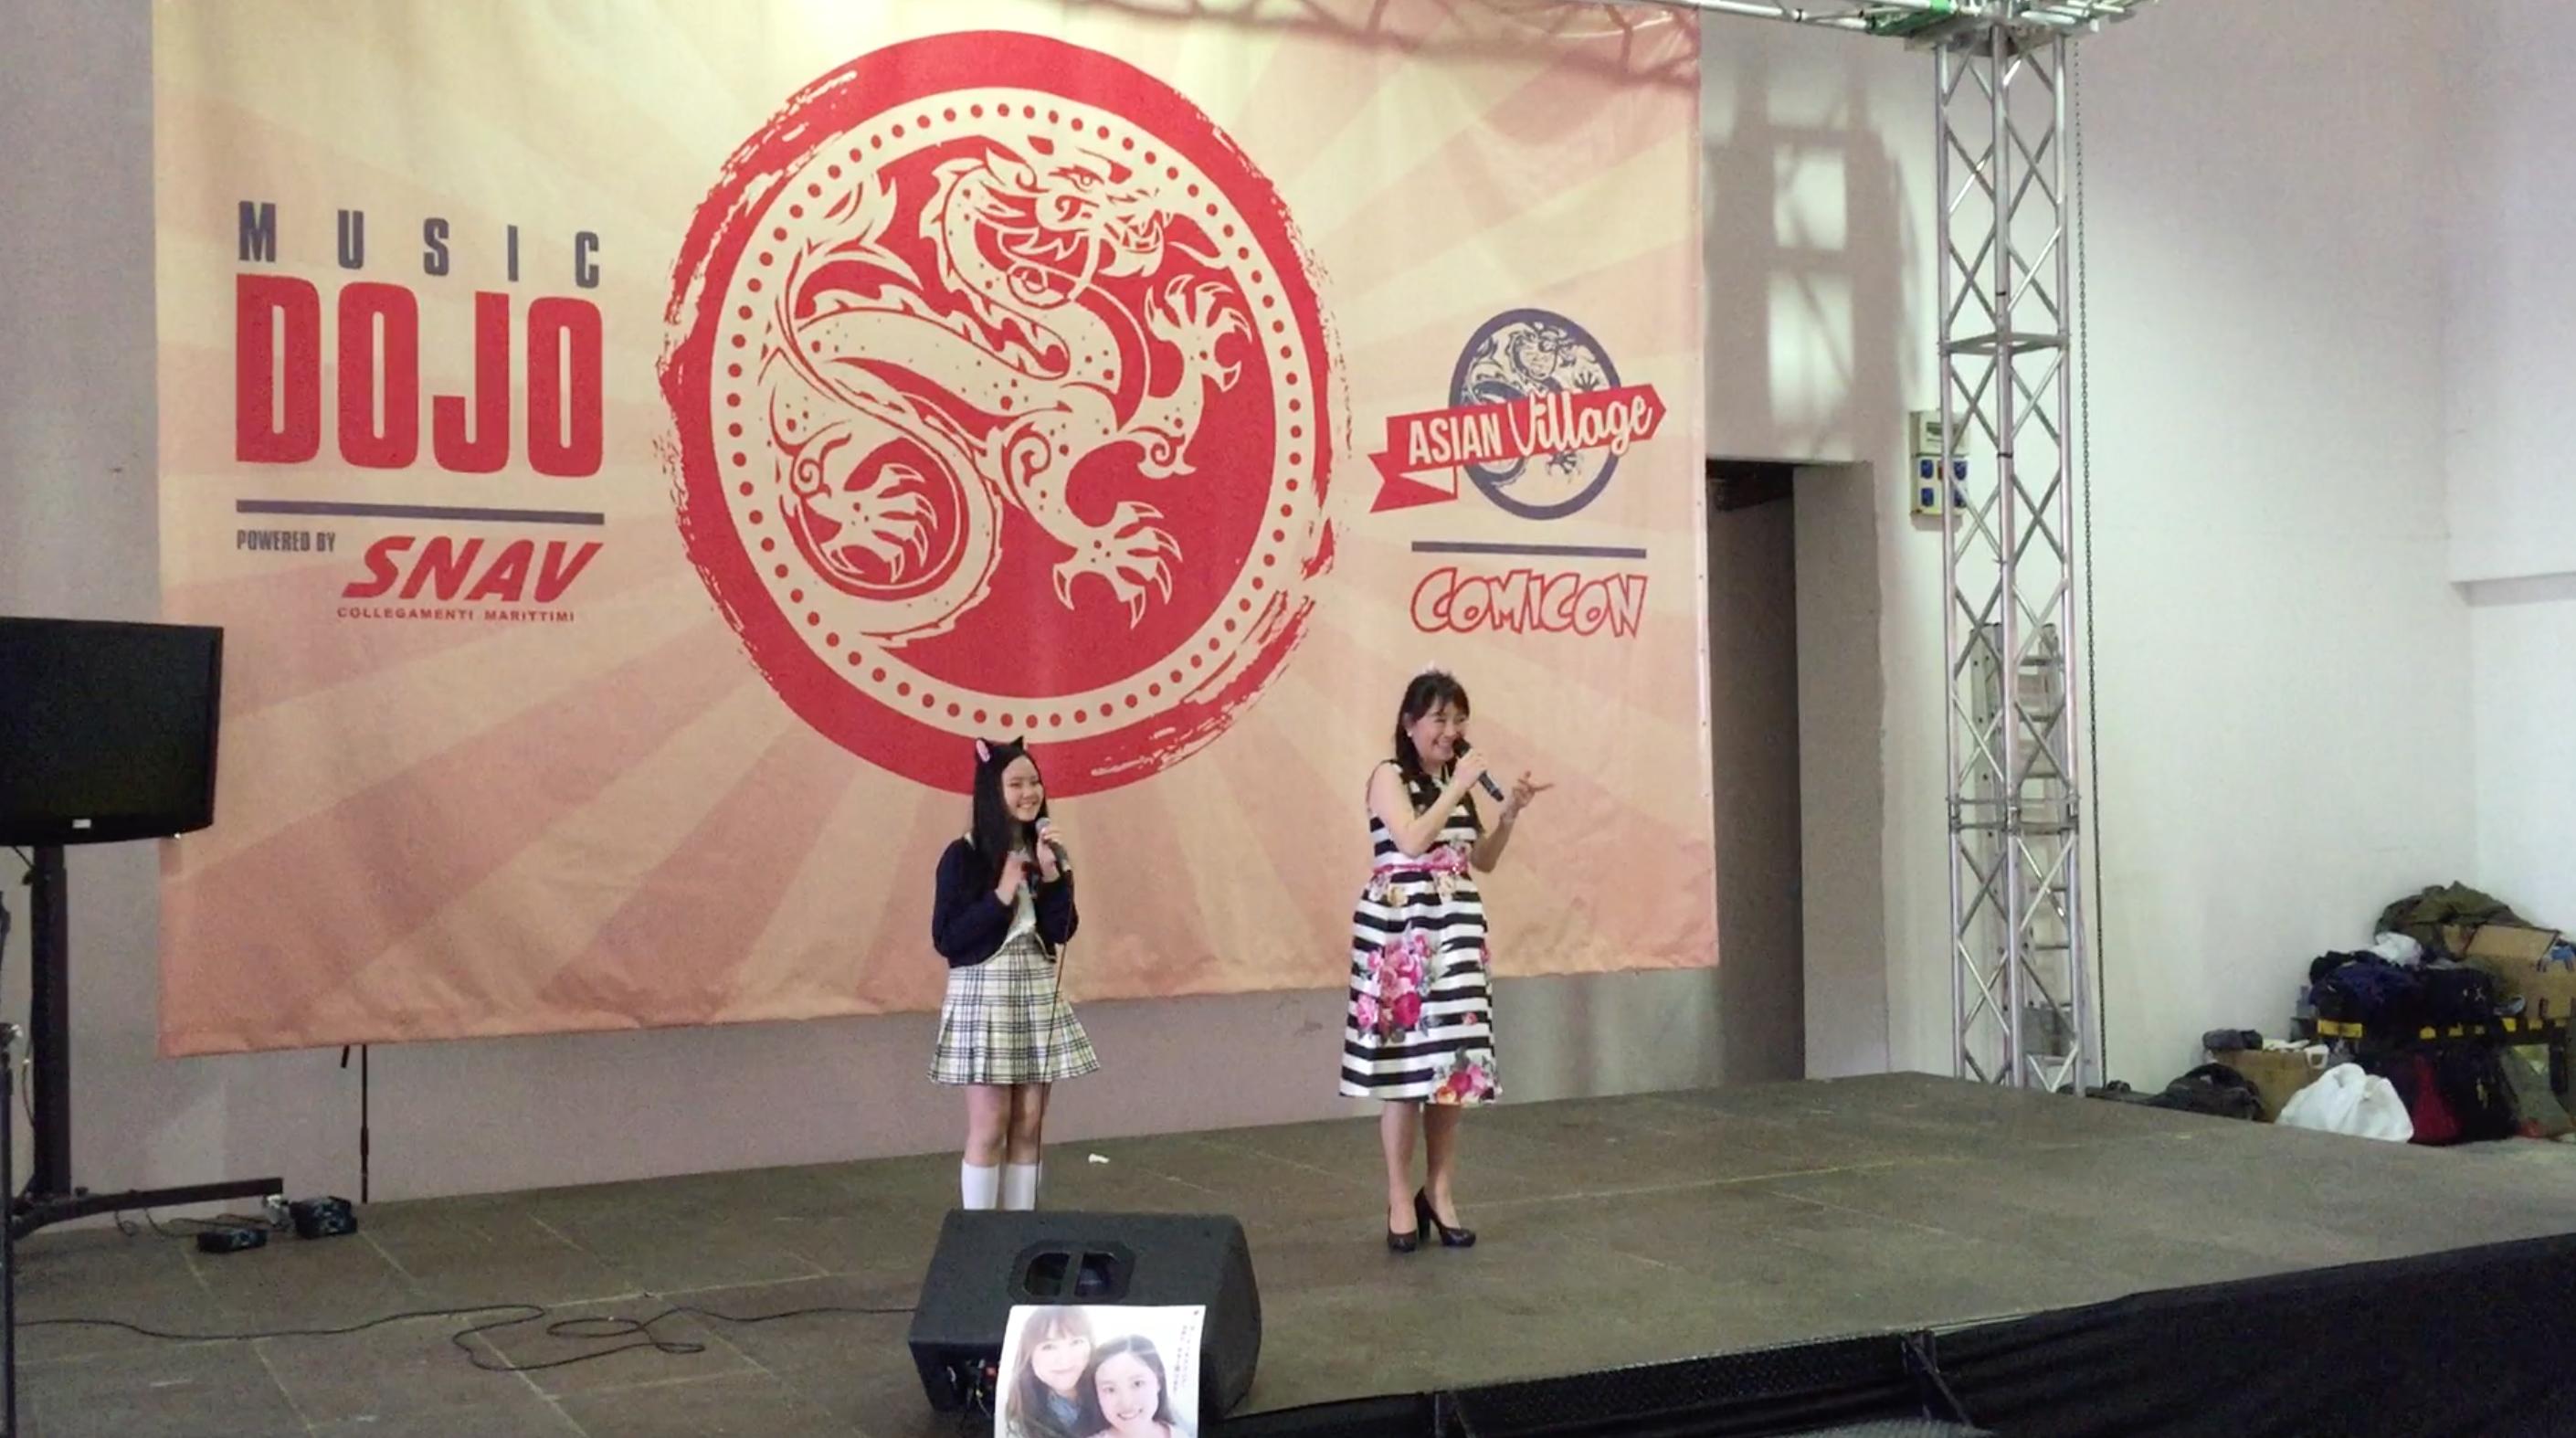 Comicon 2016: Azumi e Yuyu Inoue si esibiscono per il pubblico di Napoli